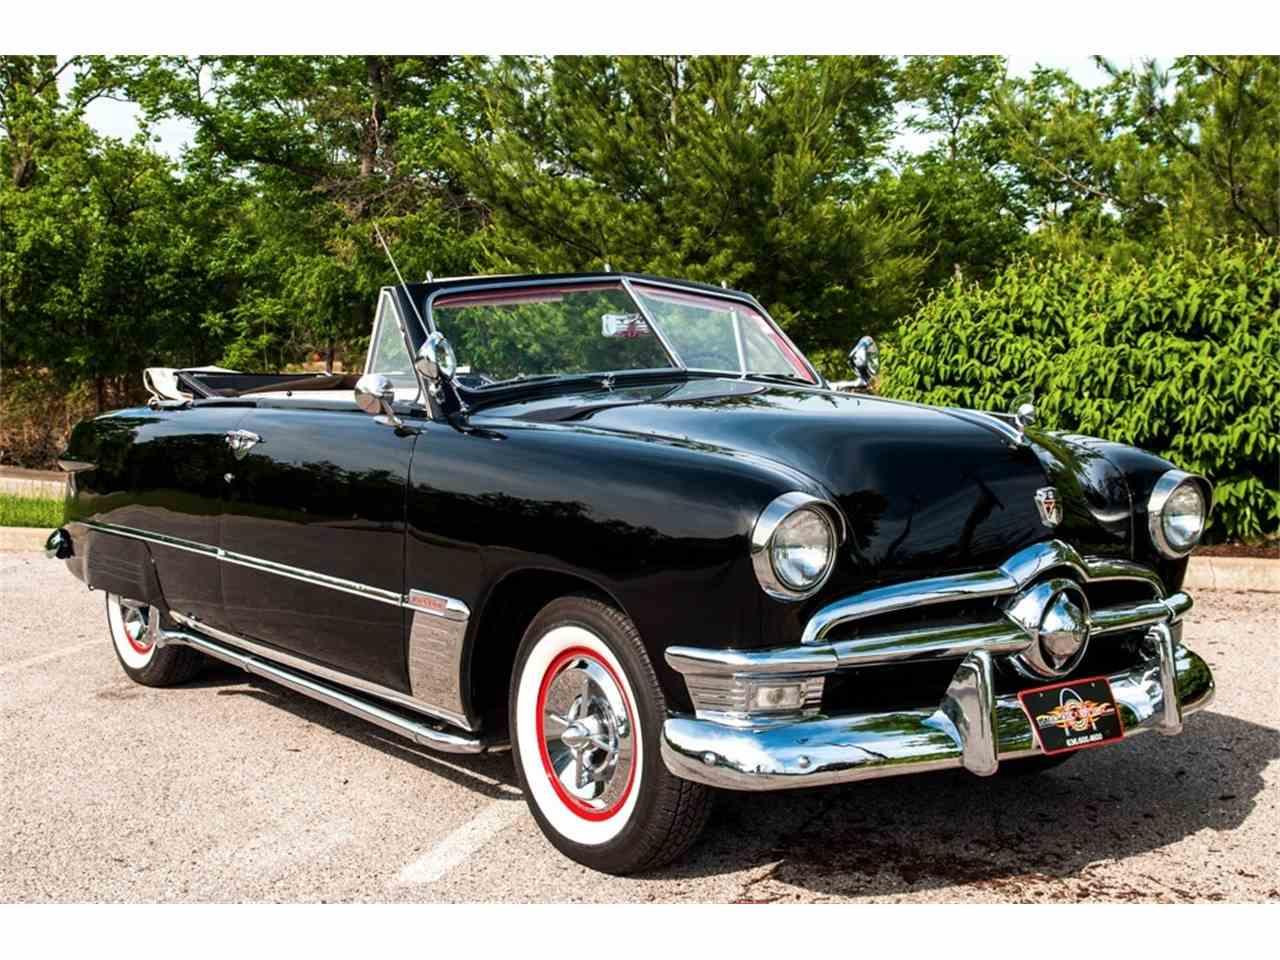 1950 Ford Custom | 986248 & 1950 Ford Custom for Sale on ClassicCars.com - 17 Available markmcfarlin.com